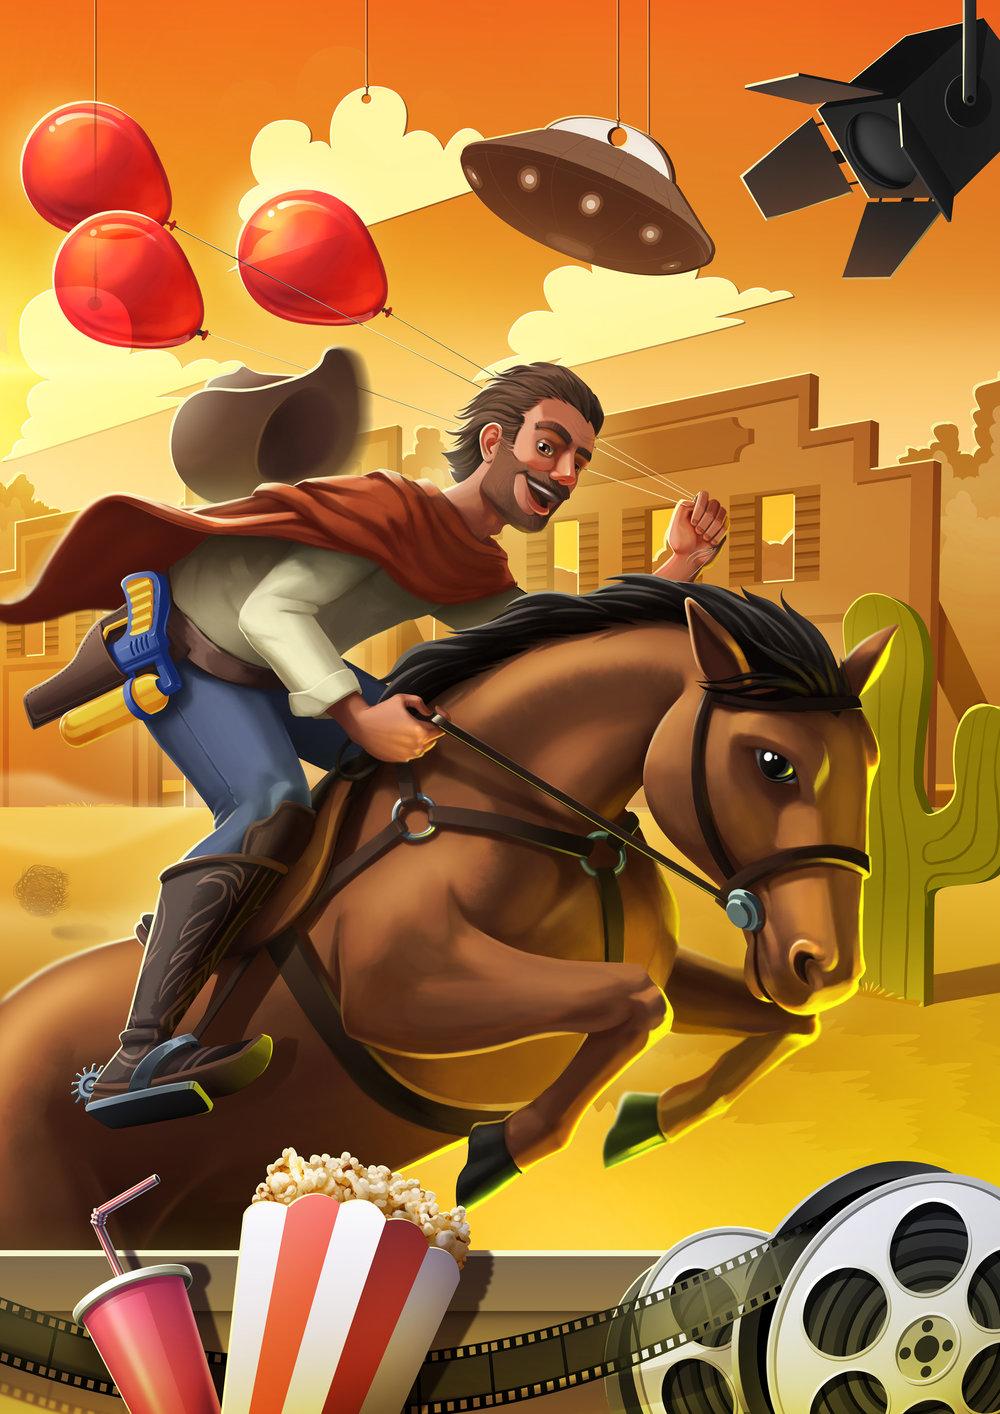 Splash Art Image Illustration Poster Character Design Western